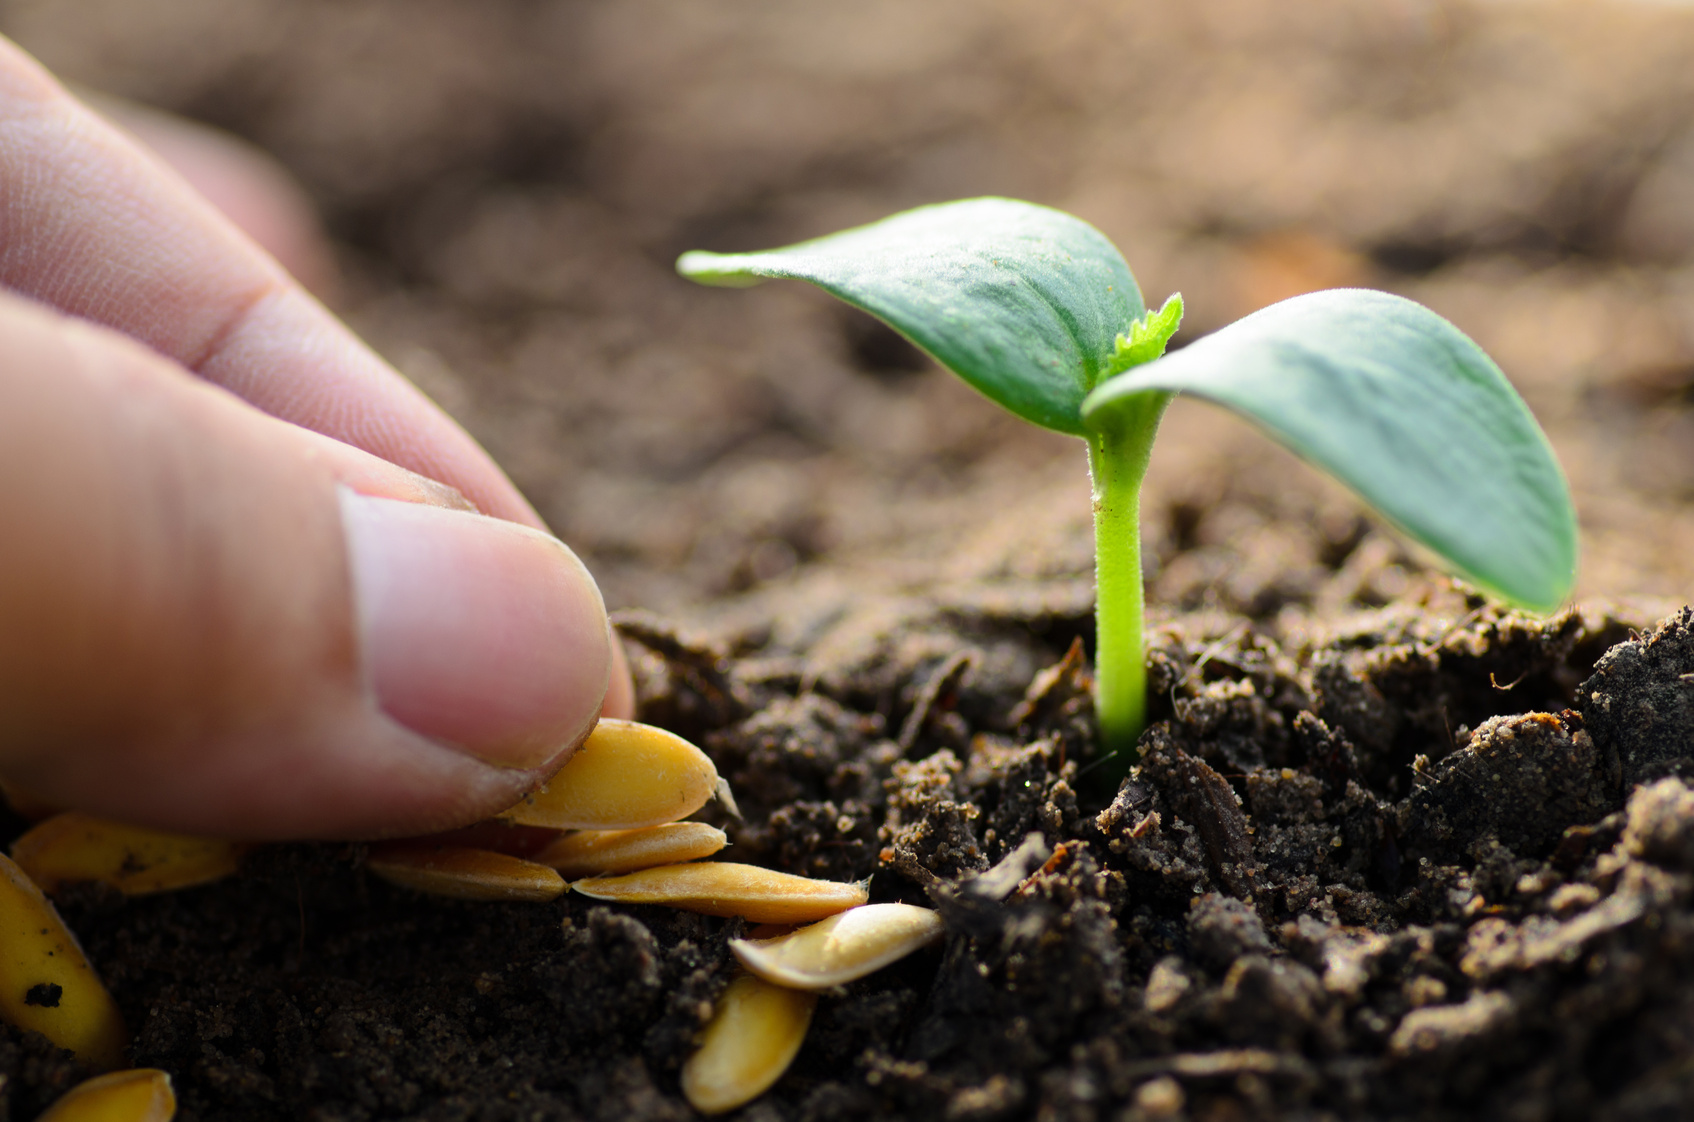 Curso Técnico em Agricultura   Central Pronatec